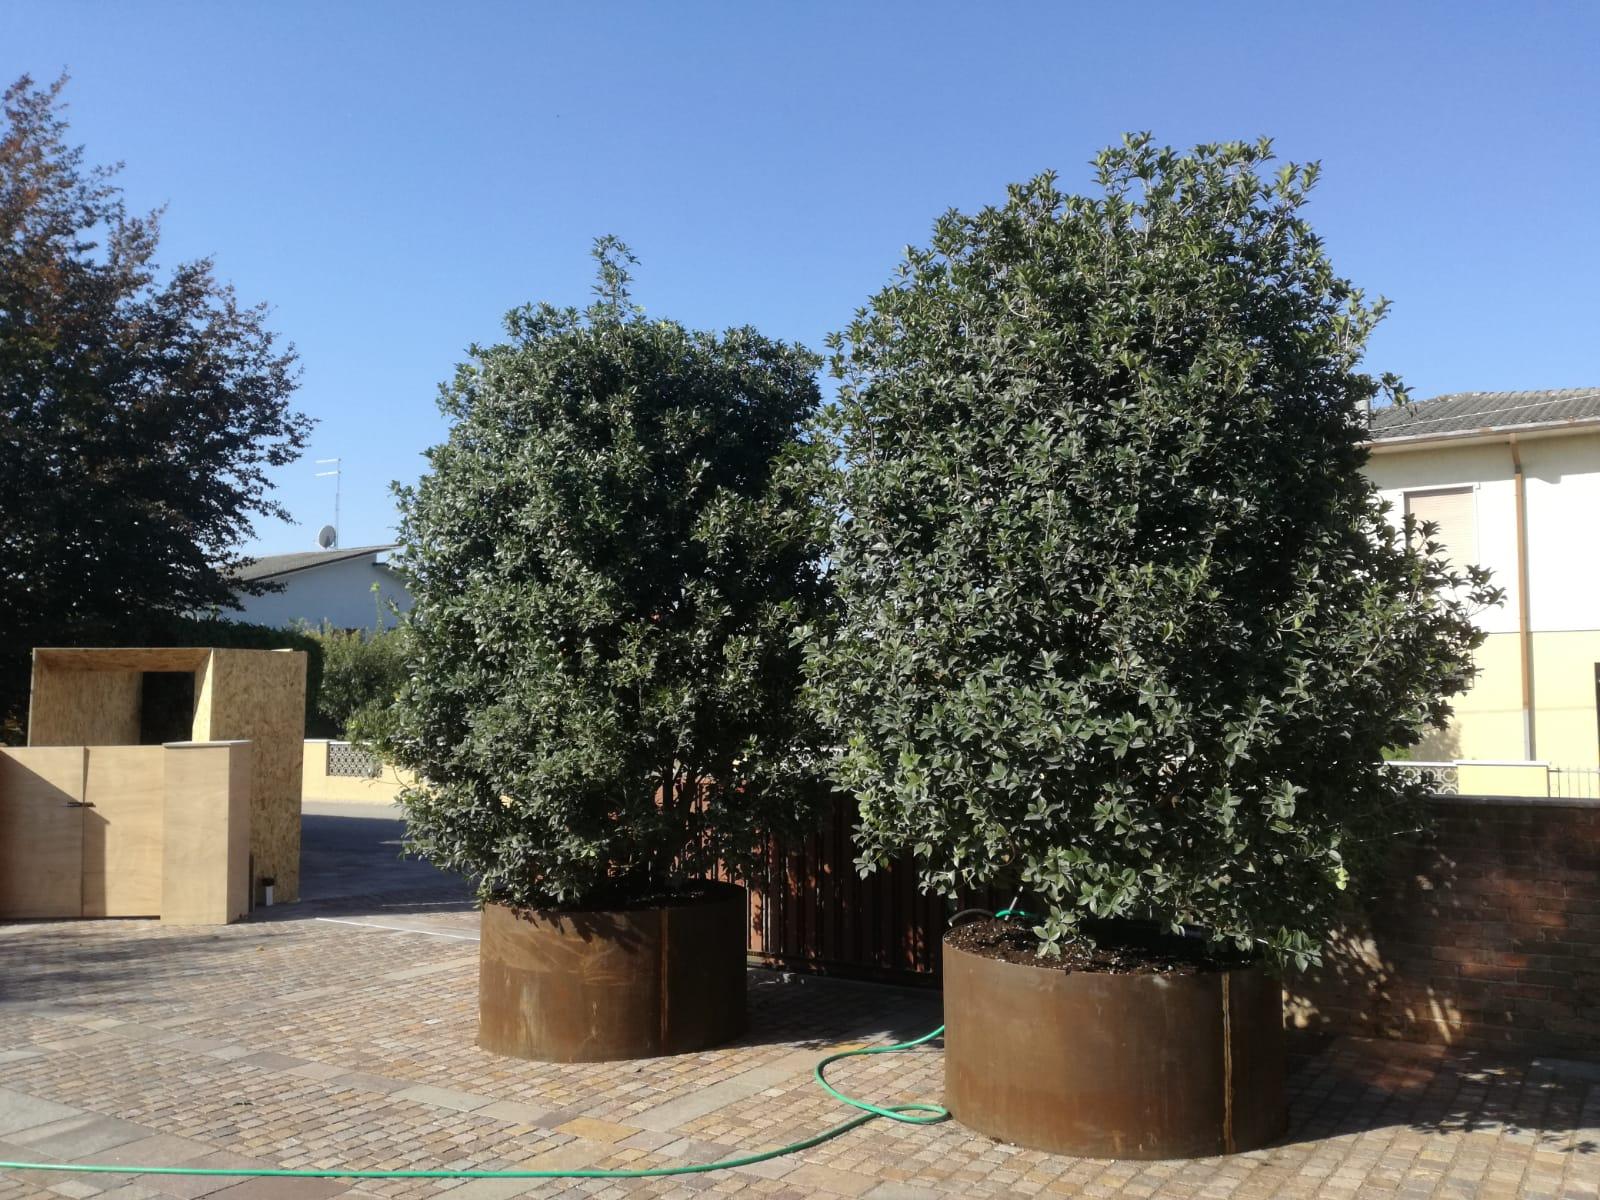 progettazione realizzazione giardini sandrigo - verde blu giardini 13